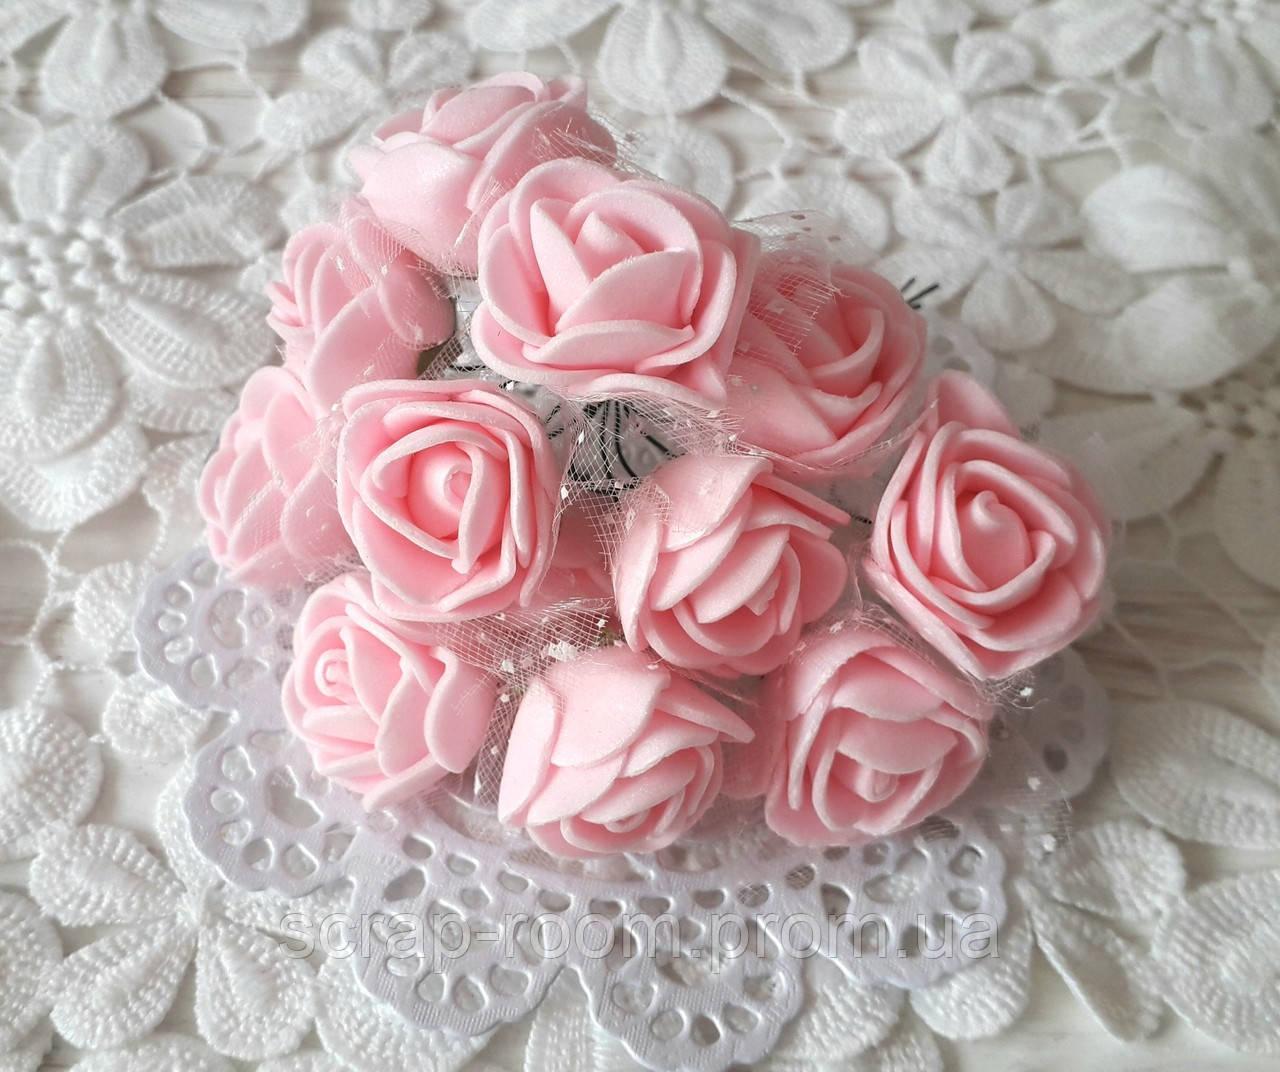 Розы латексные с фатином светло-розовые, светло-розовые розы, розы розовые фатин, букет 12 шт